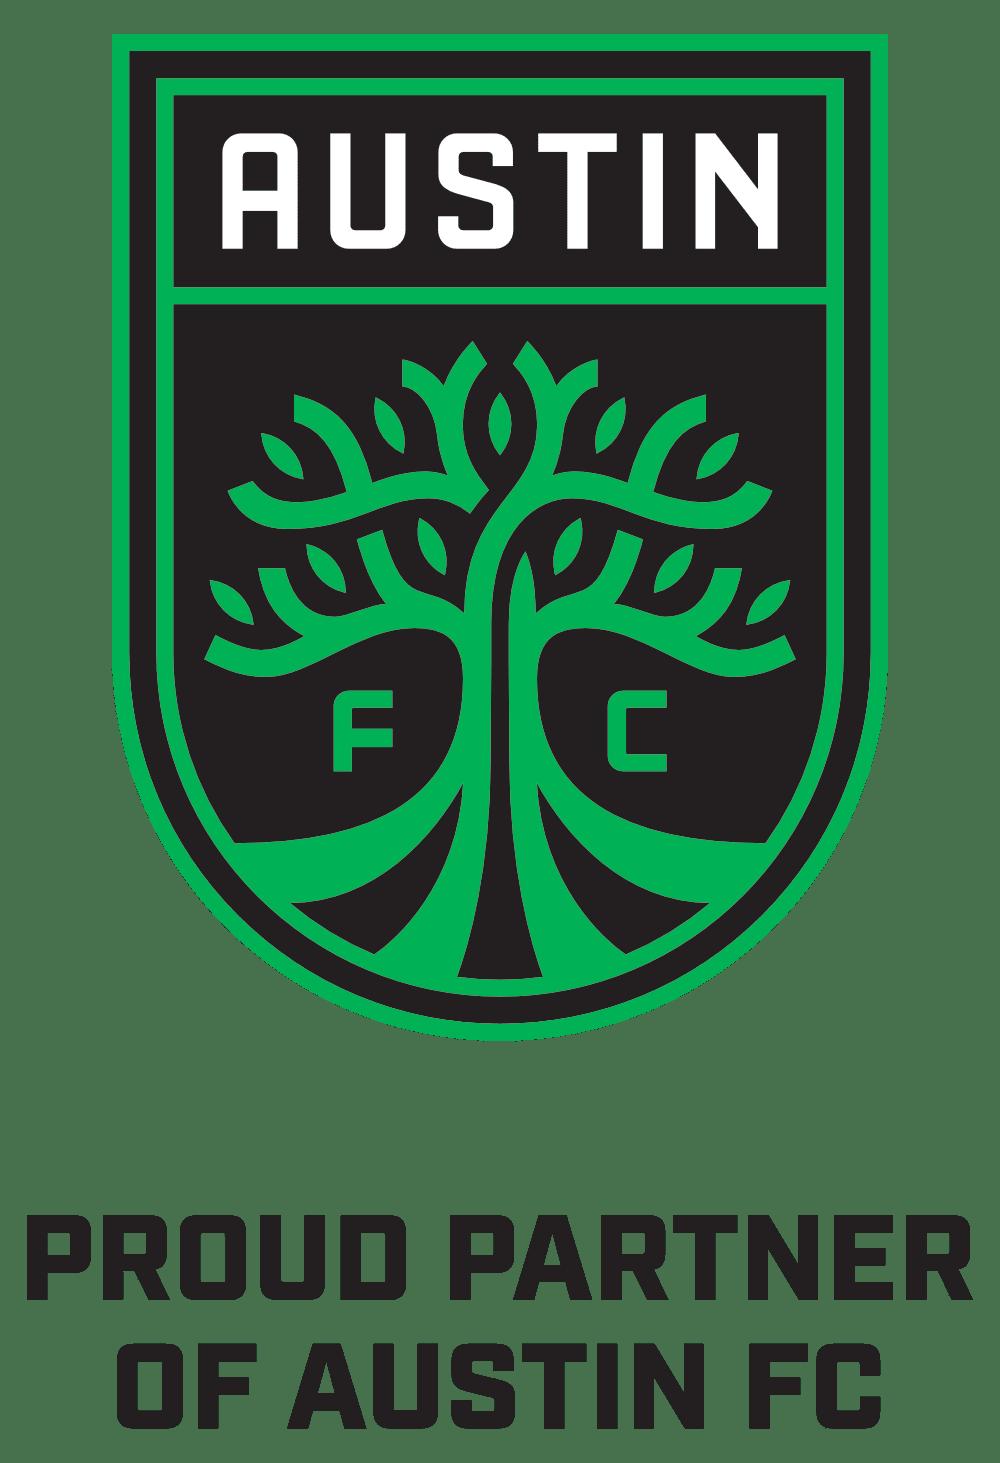 Austin FC Proud Partner